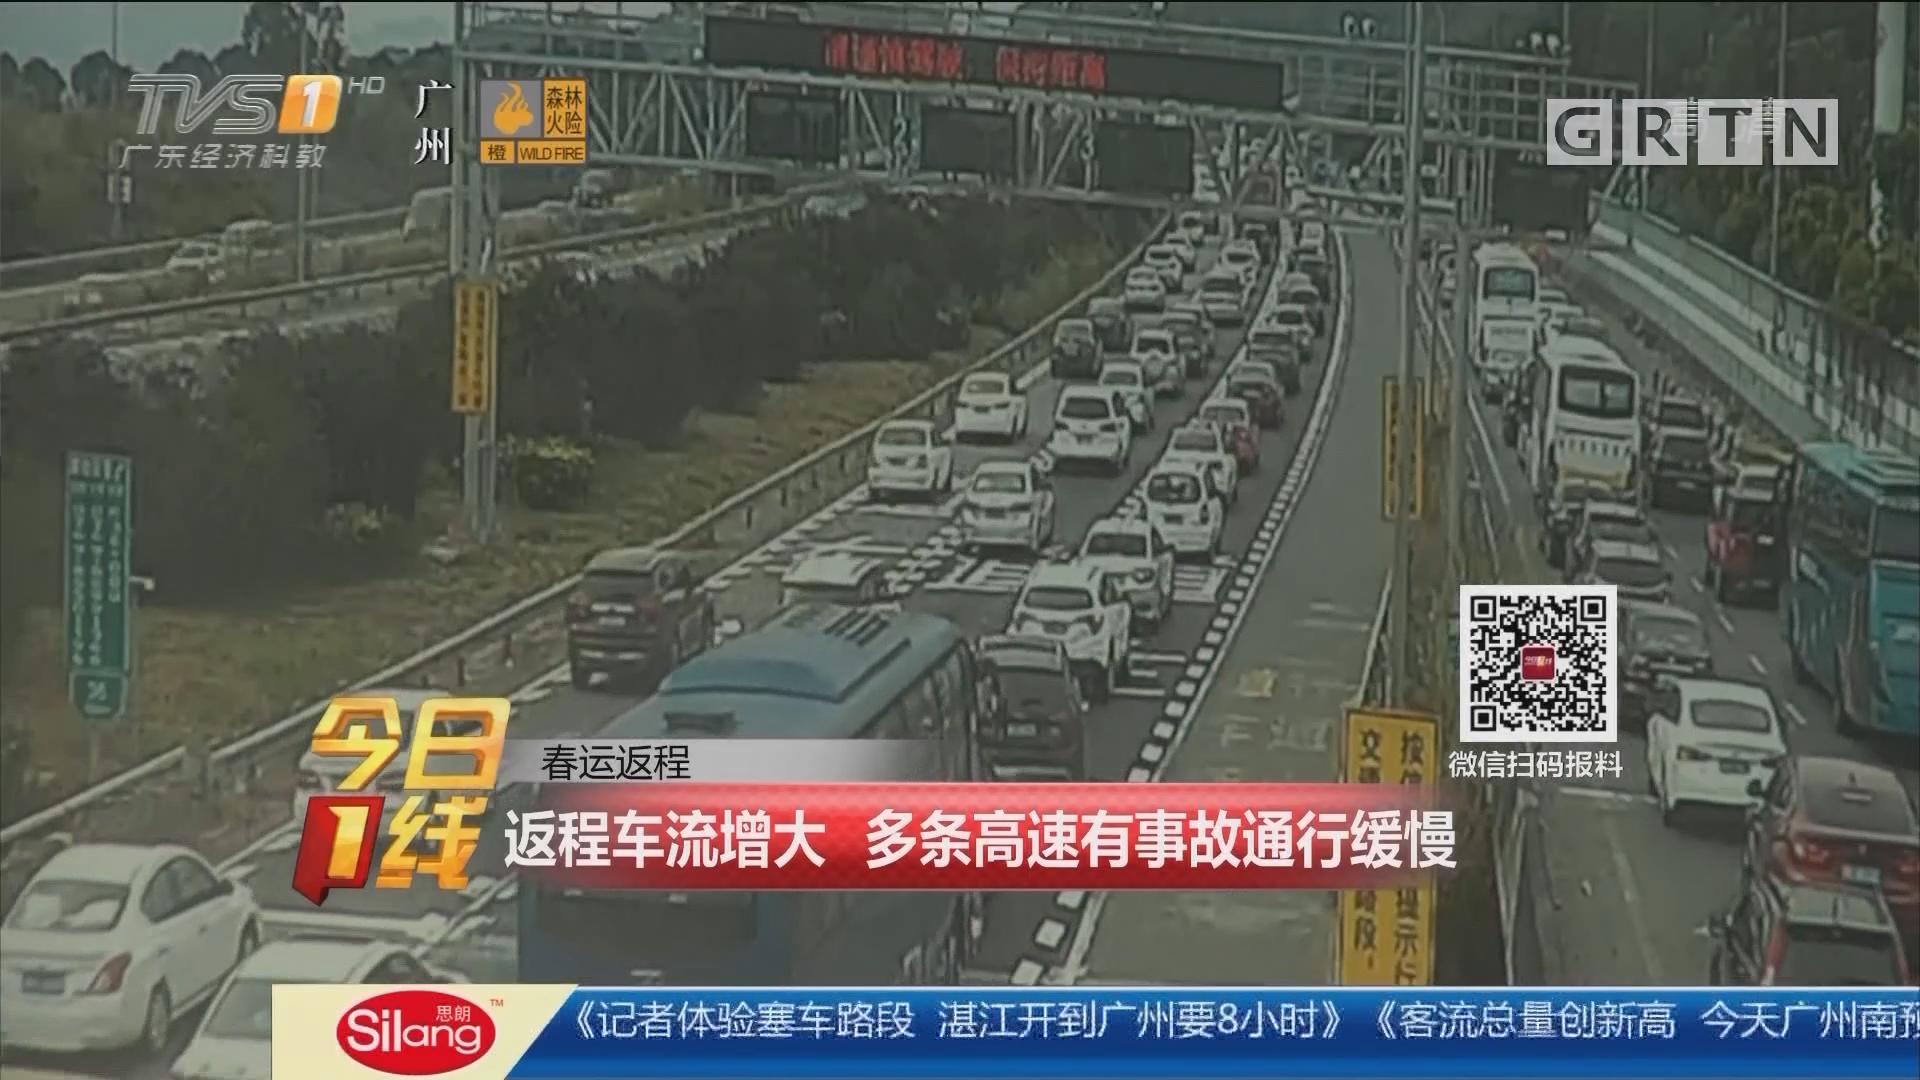 春运返程:返程车流增大 多条高速有事故通行缓慢